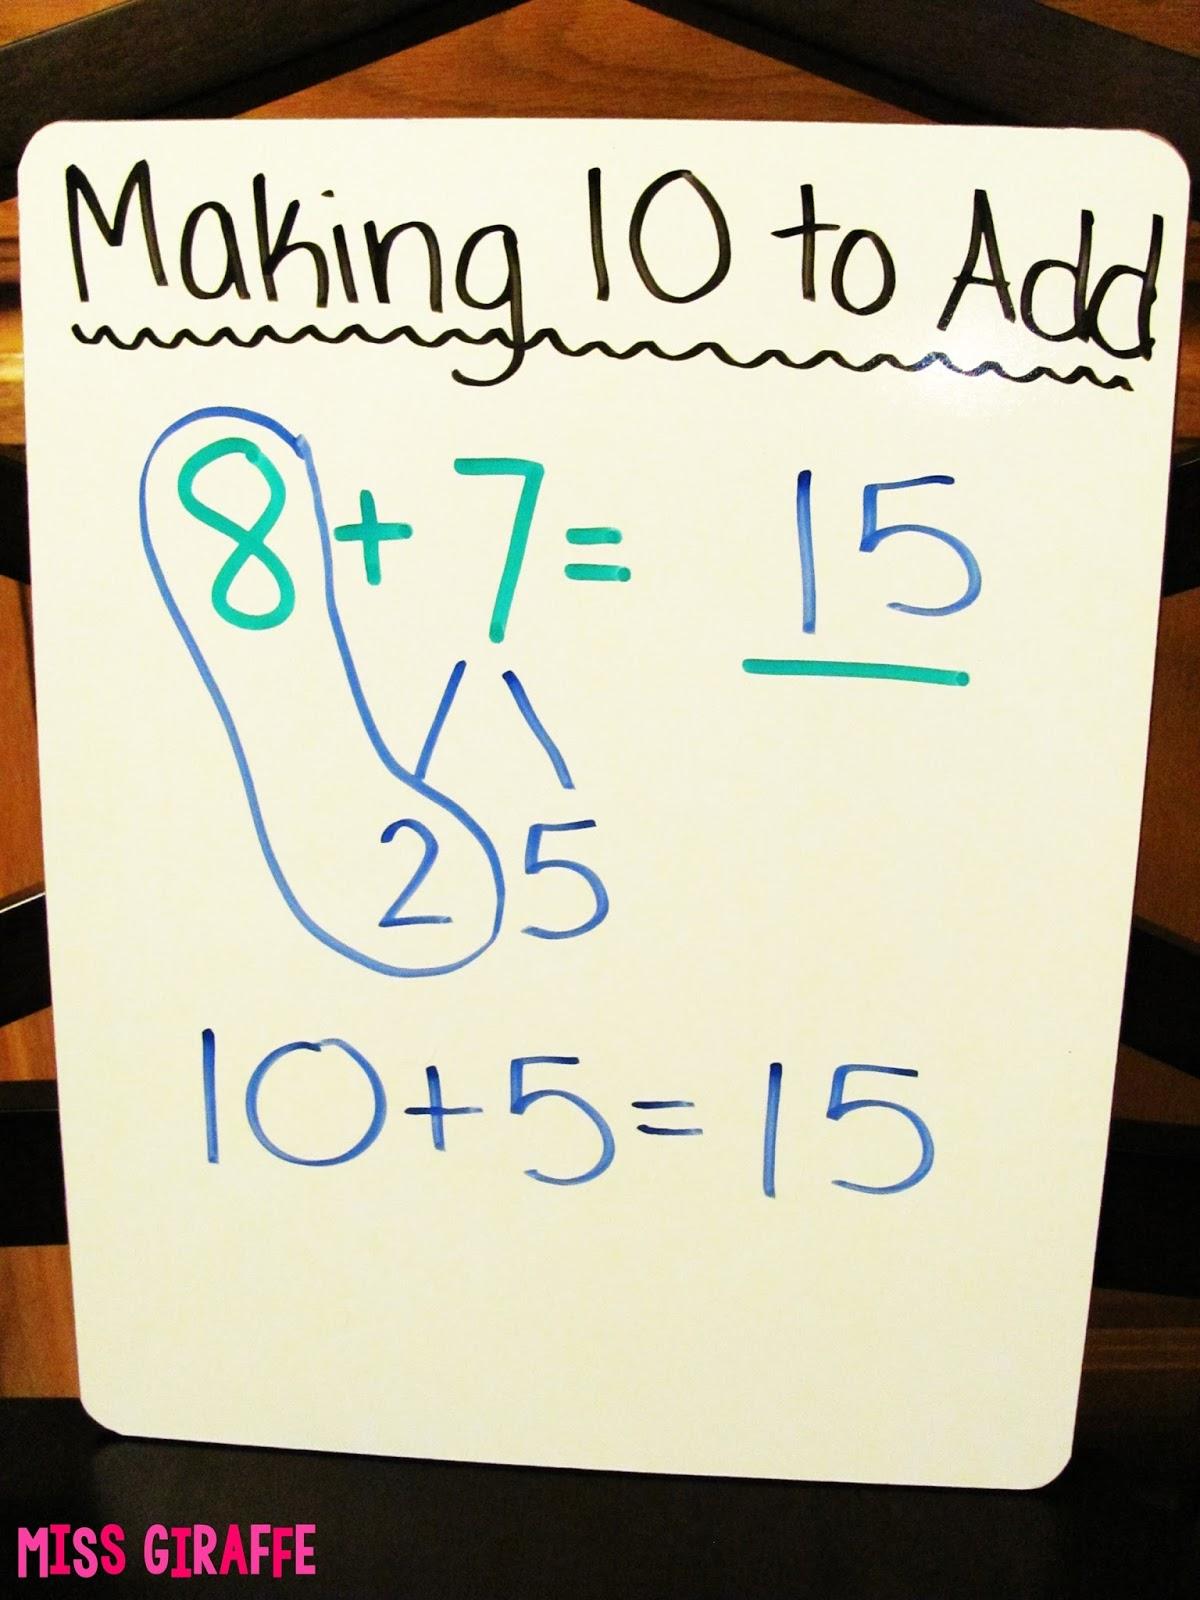 medium resolution of Miss Giraffe's Class: Making a 10 to Add